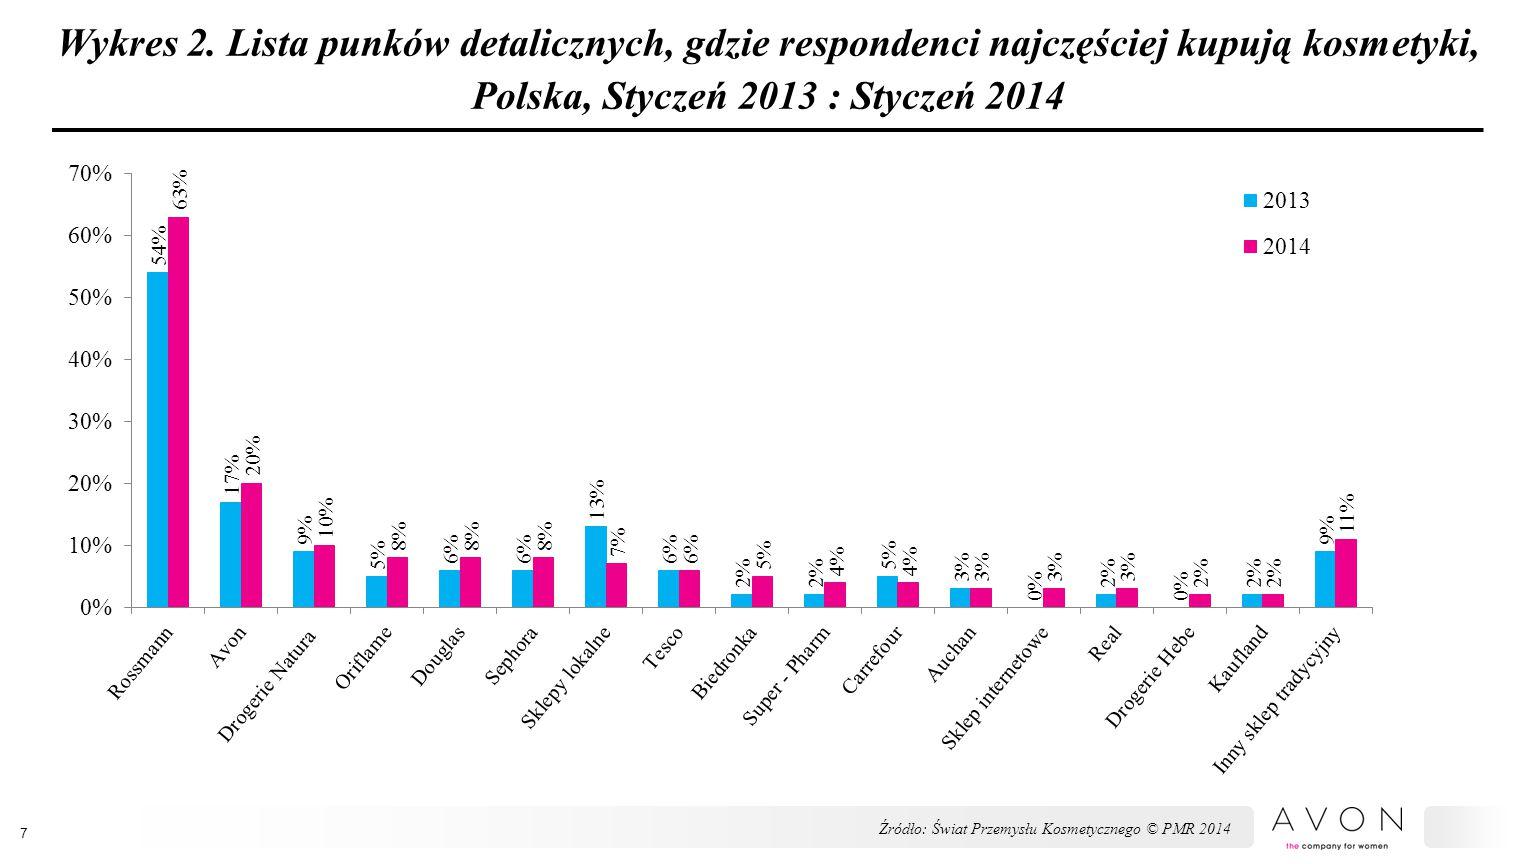 Wykres 2. Lista punków detalicznych, gdzie respondenci najczęściej kupują kosmetyki, Polska, Styczeń 2013 : Styczeń 2014 7 Źródło: Świat Przemysłu Kos